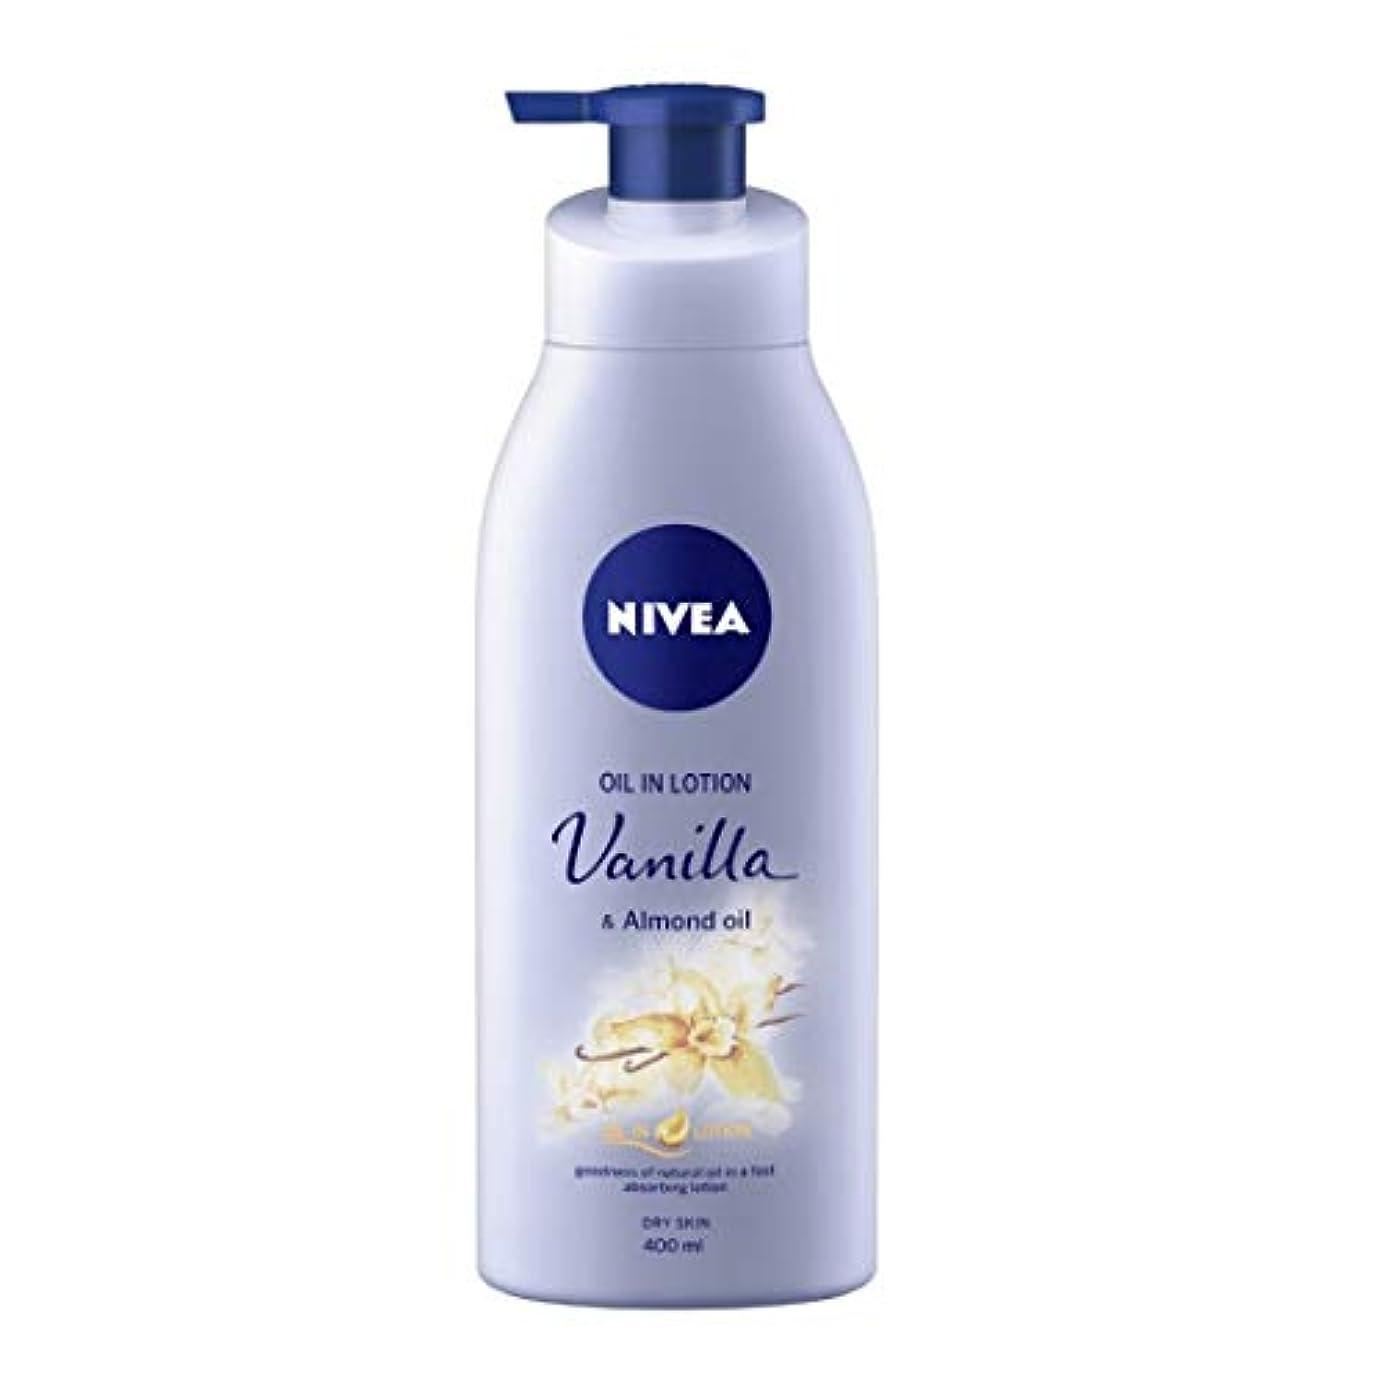 発見するオゾン達成可能NIVEA Oil in Lotion, Vanilla and Almond Oil, 400ml